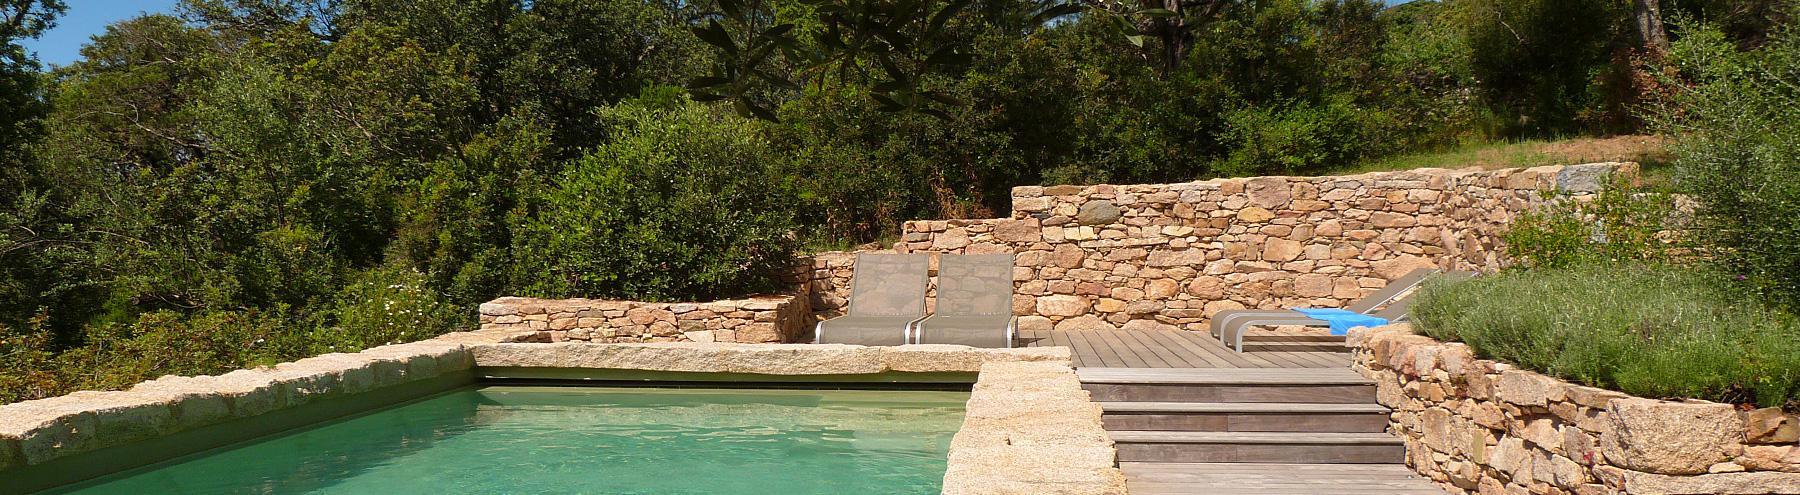 Villa avec piscine bord de mer : Golfe de Valinco